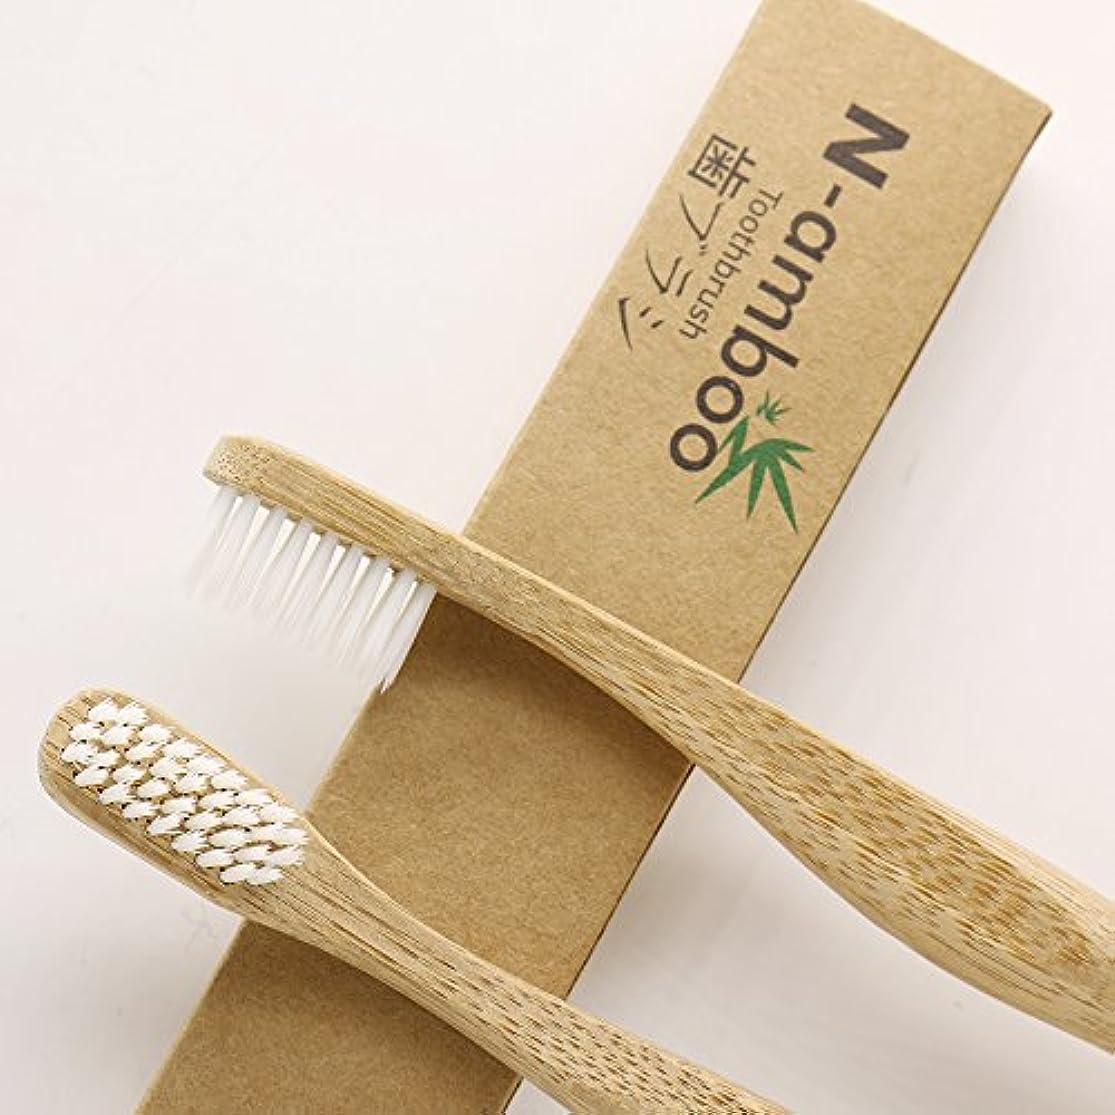 リム限定普通にN-amboo 竹製耐久度高い 歯ブラシ 2本入り セット ハンドル握りやすい 白い